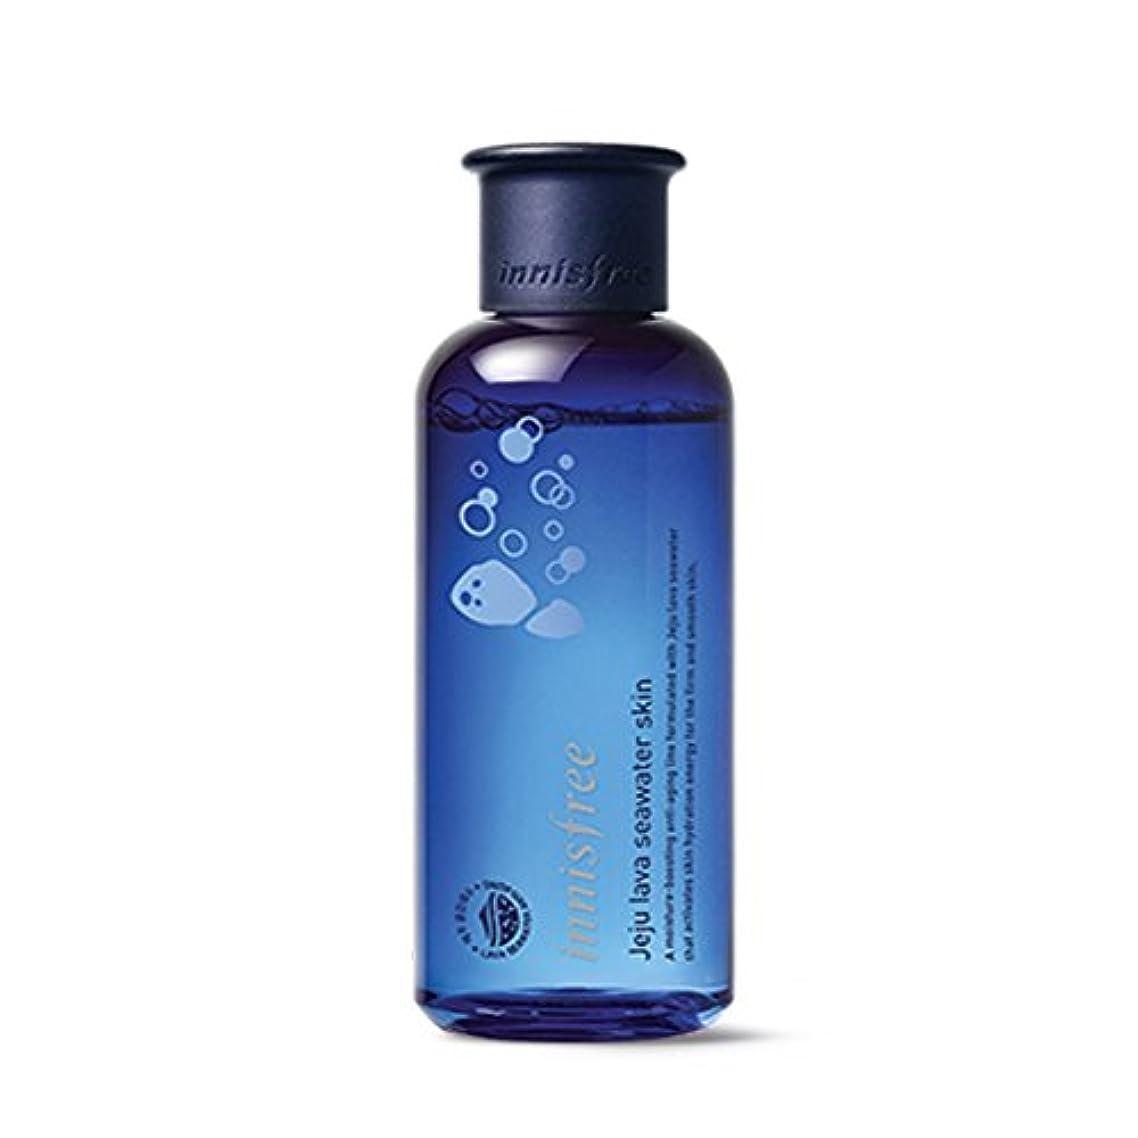 航海のフリッパー削るイニスフリージェジュラブシーウォータースキン(トナー)200ml Innisfree Jeju Lava Seawater Skin(Toner) 200ml [外直送品][並行輸入品]